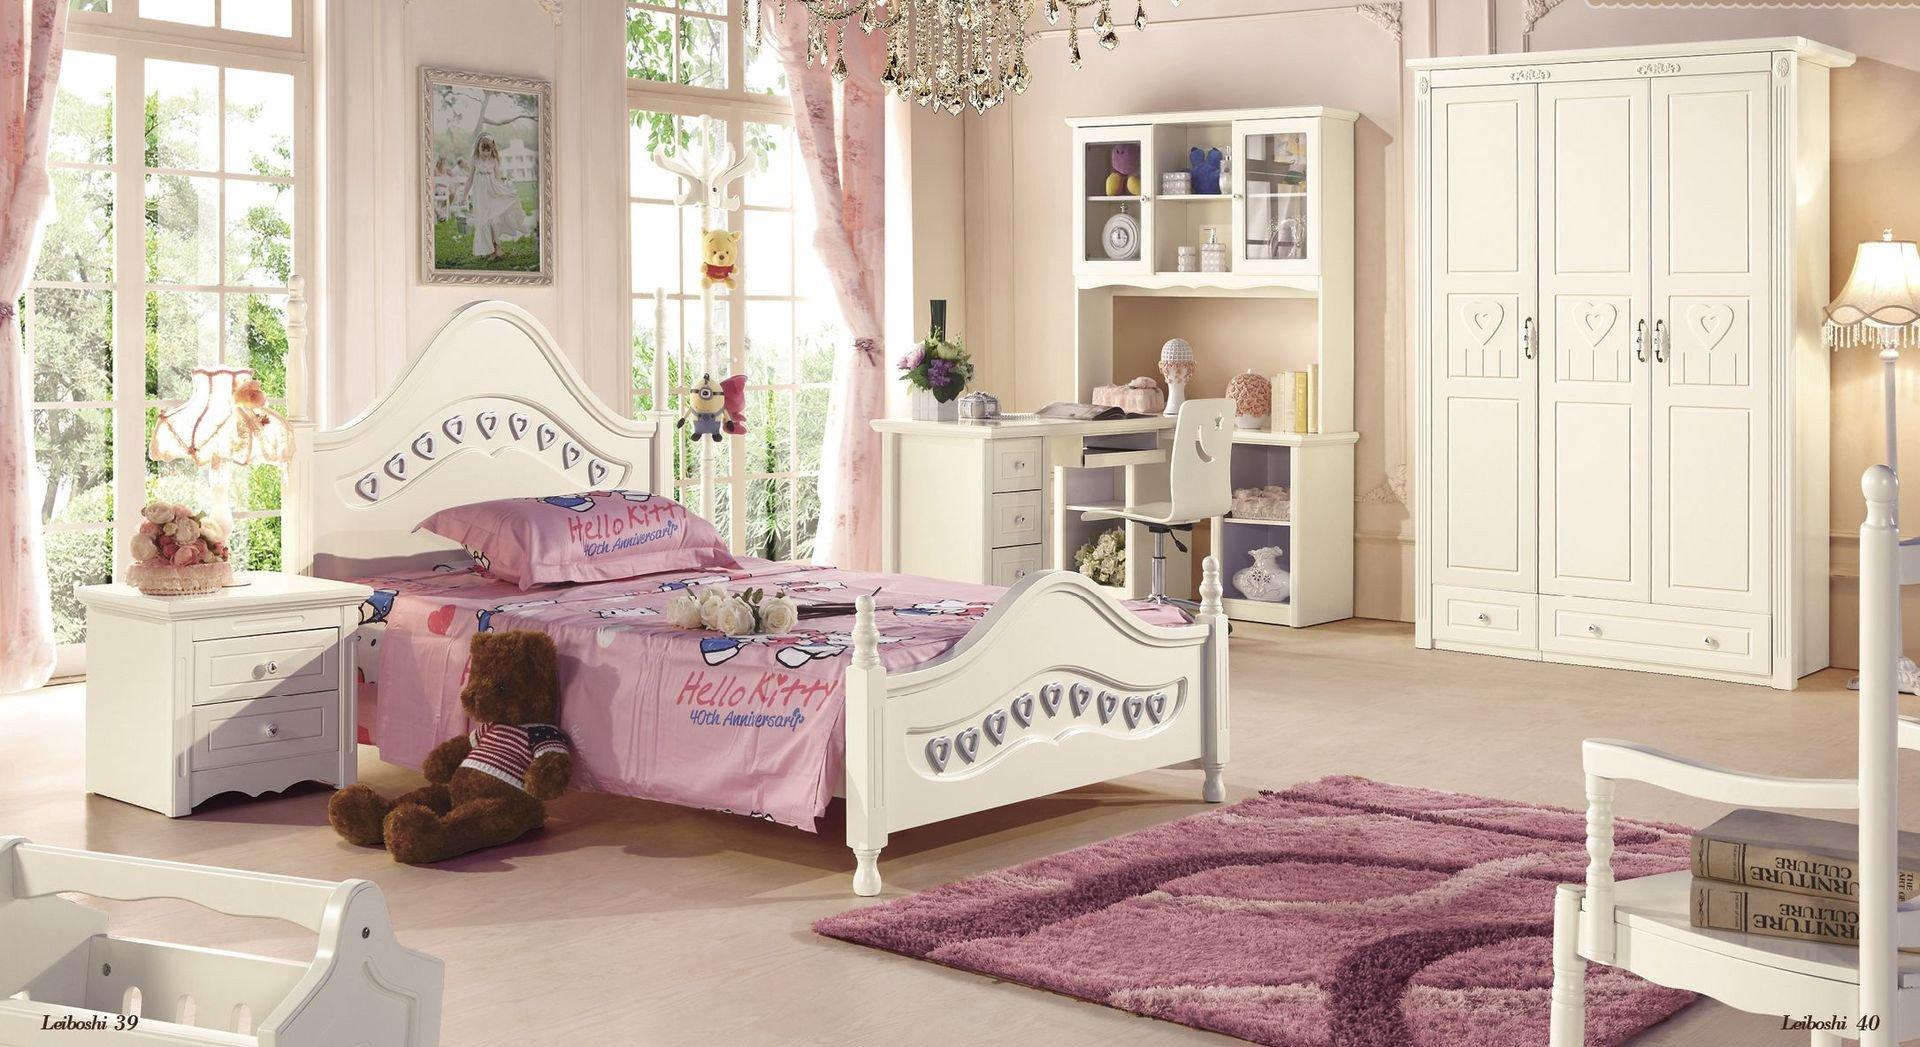 Toddler Bedroom Furniture Set Awesome solid Wood Bedroom Furniture for Kids